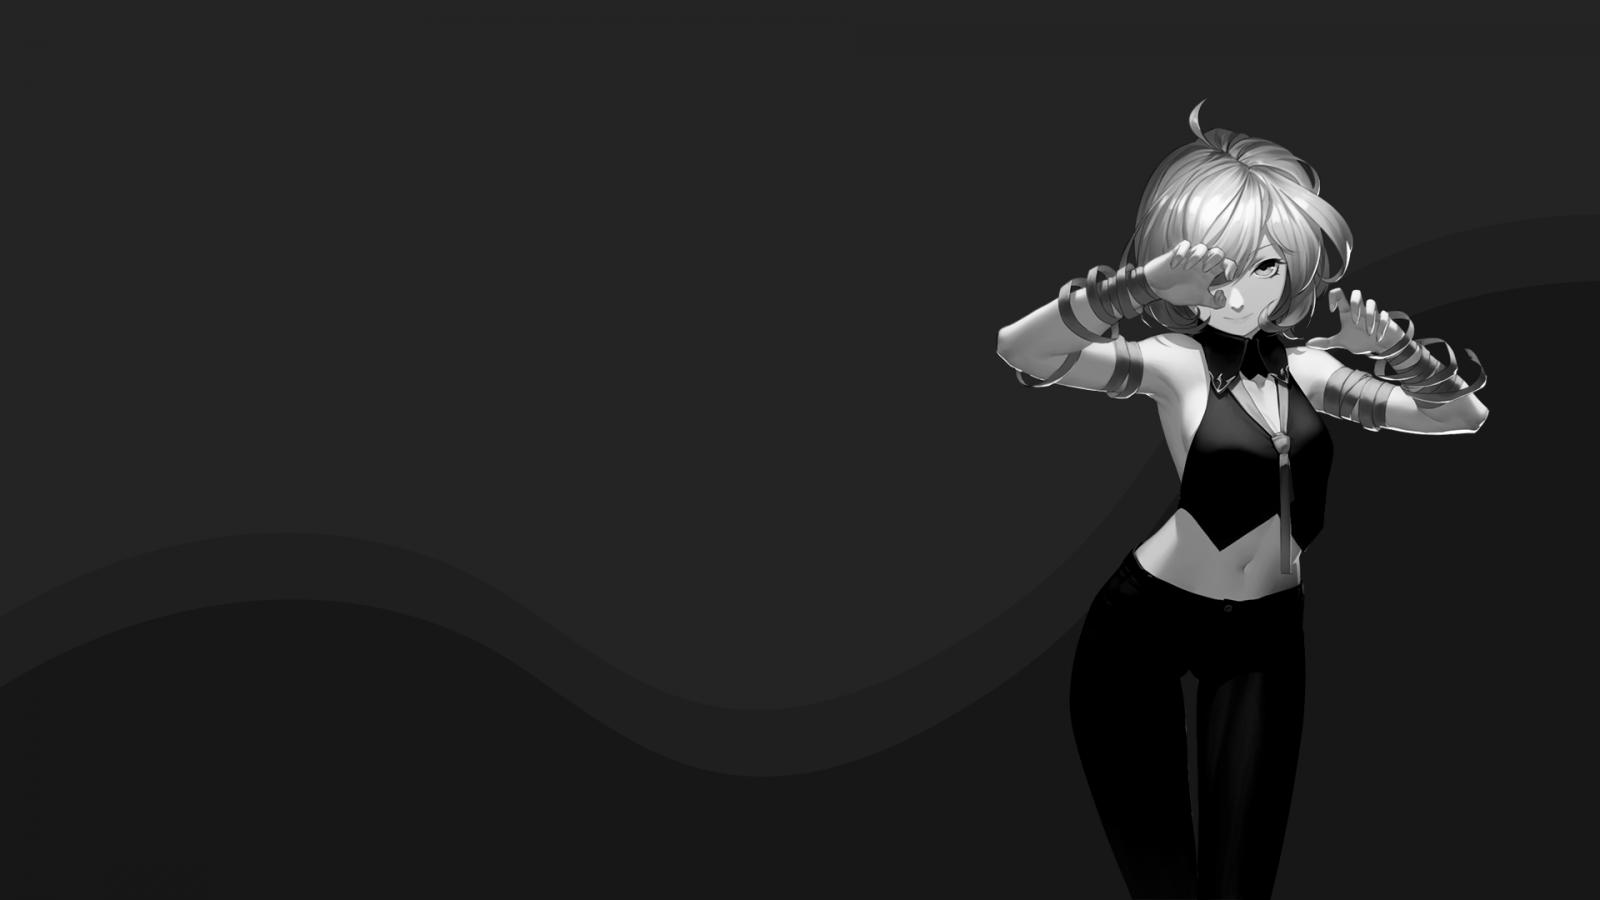 oscuro dark anime wallpaper: Fondos De Pantalla : Chicas Anime, Oscuro, Minimalismo